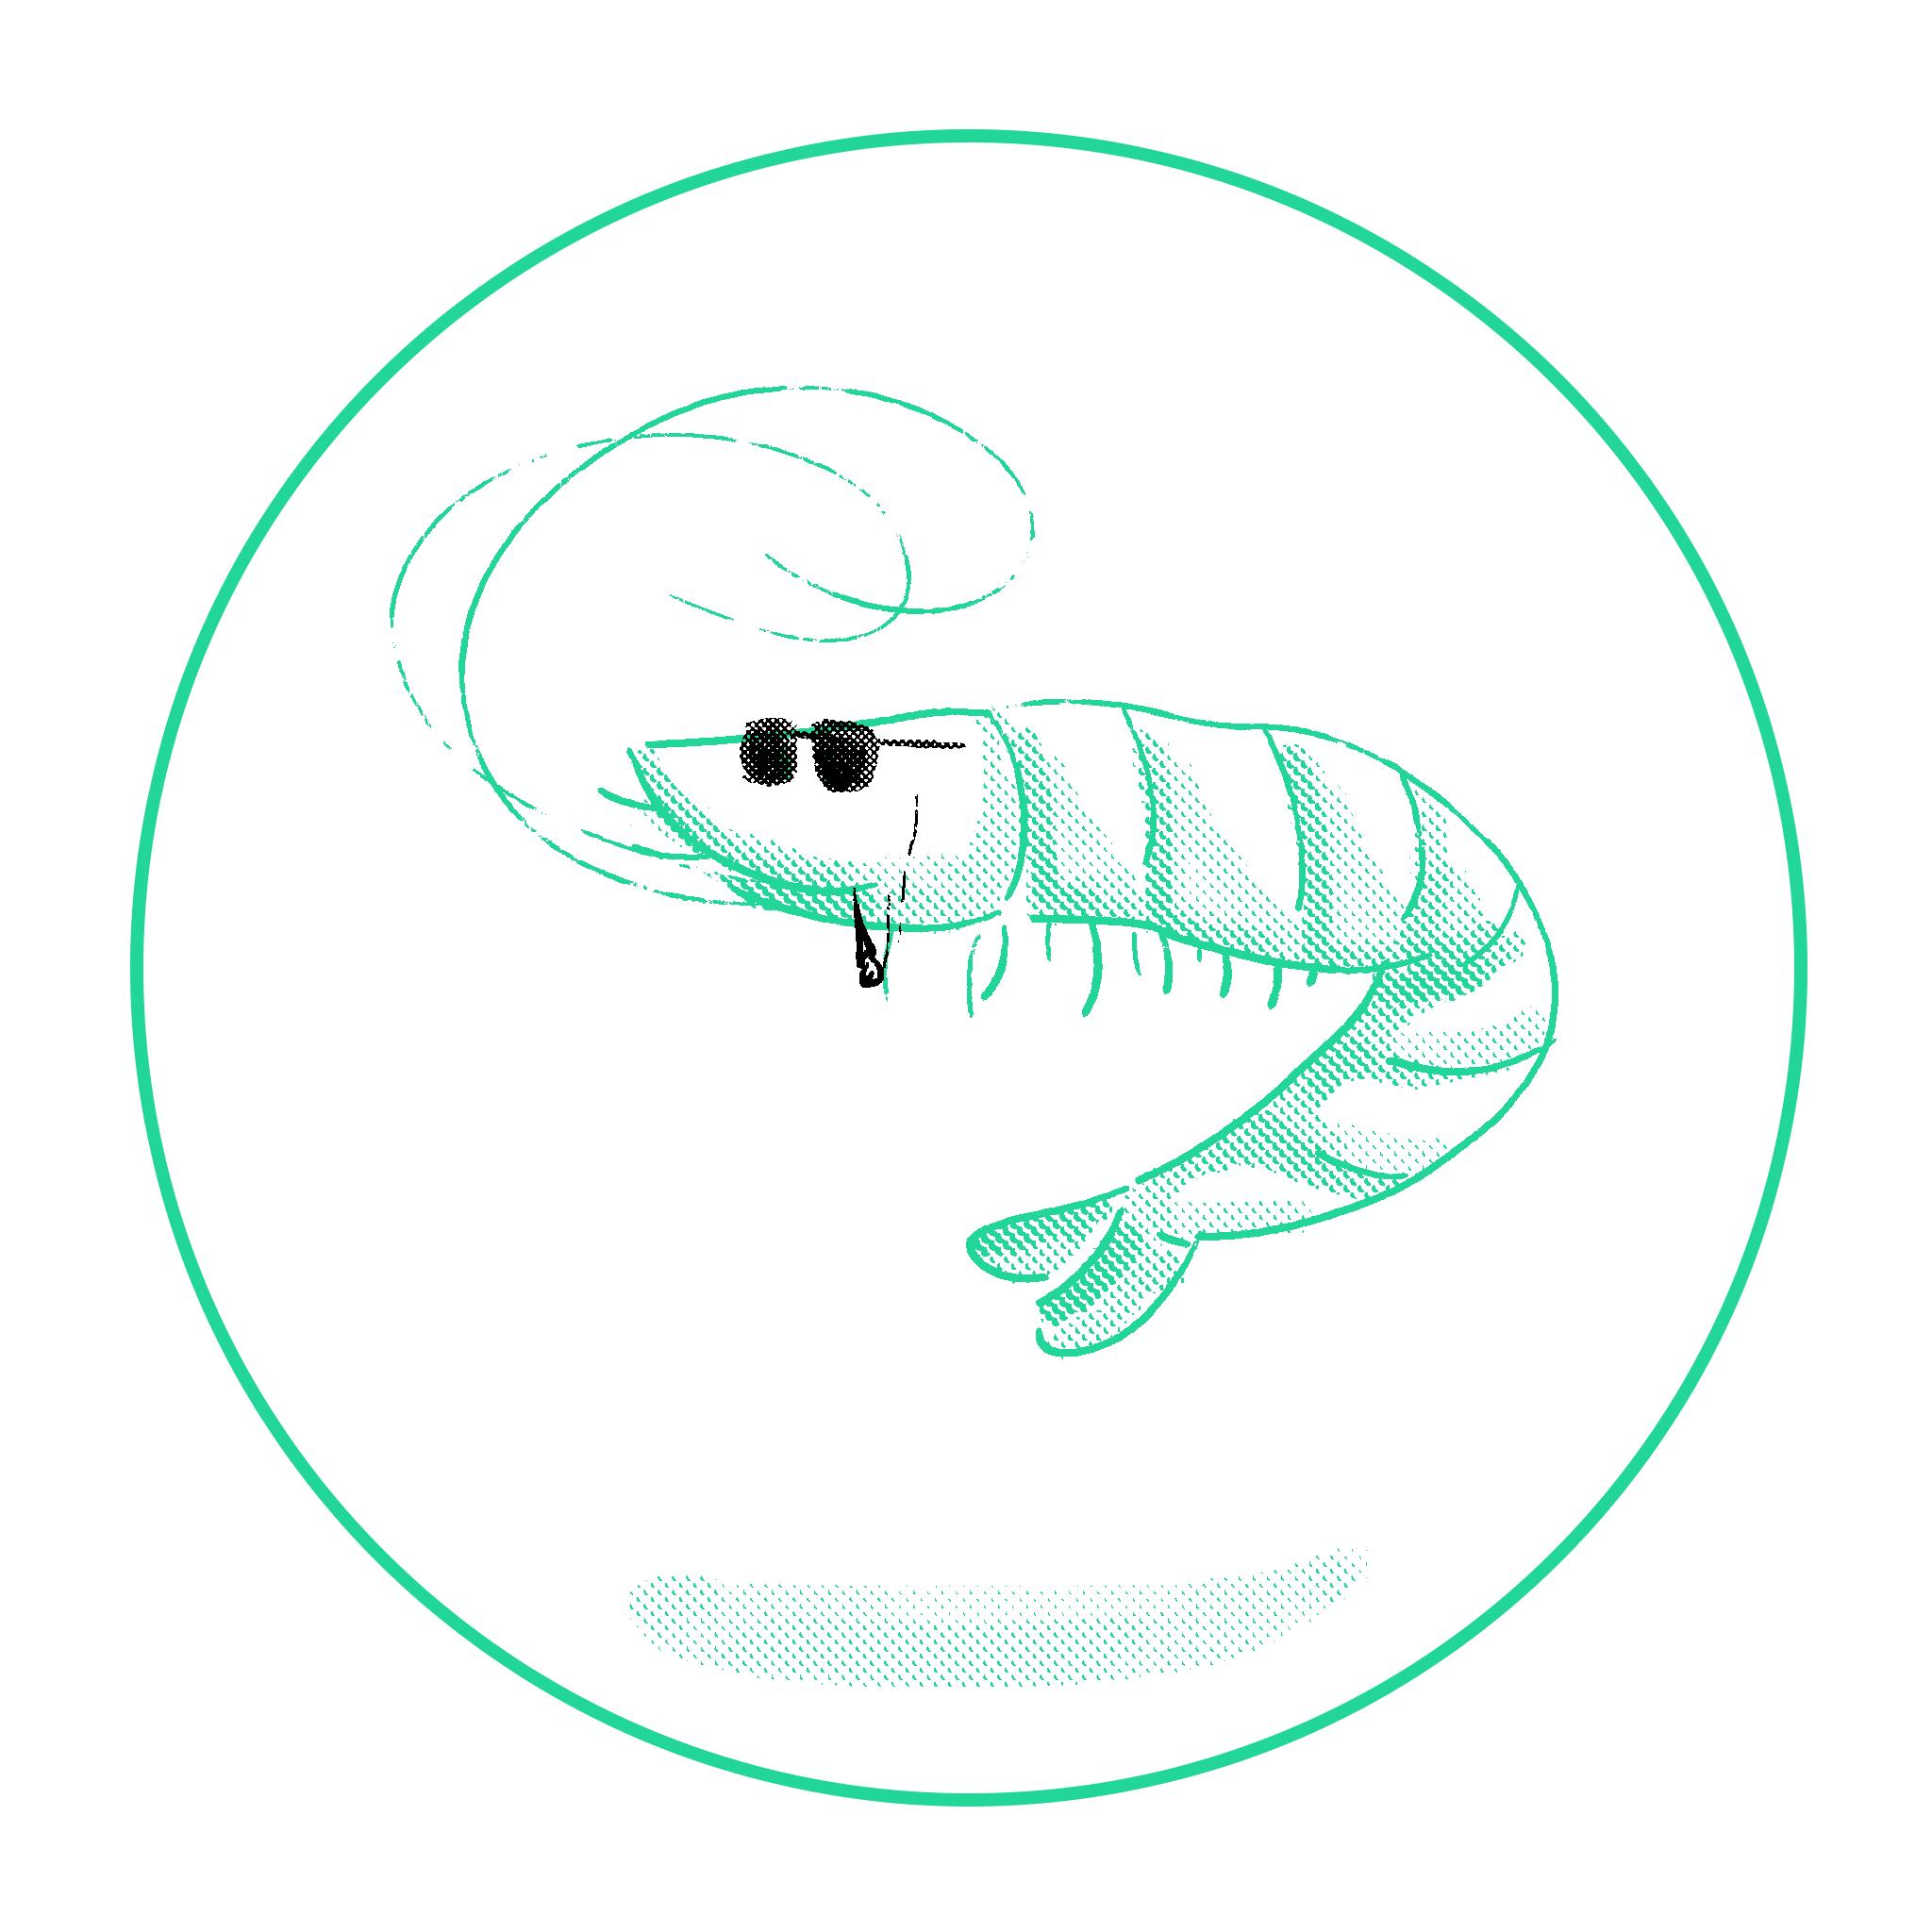 lac-bau-cua_tet-2018_2048x2048_190105_nh_v2.1_shrimp.png